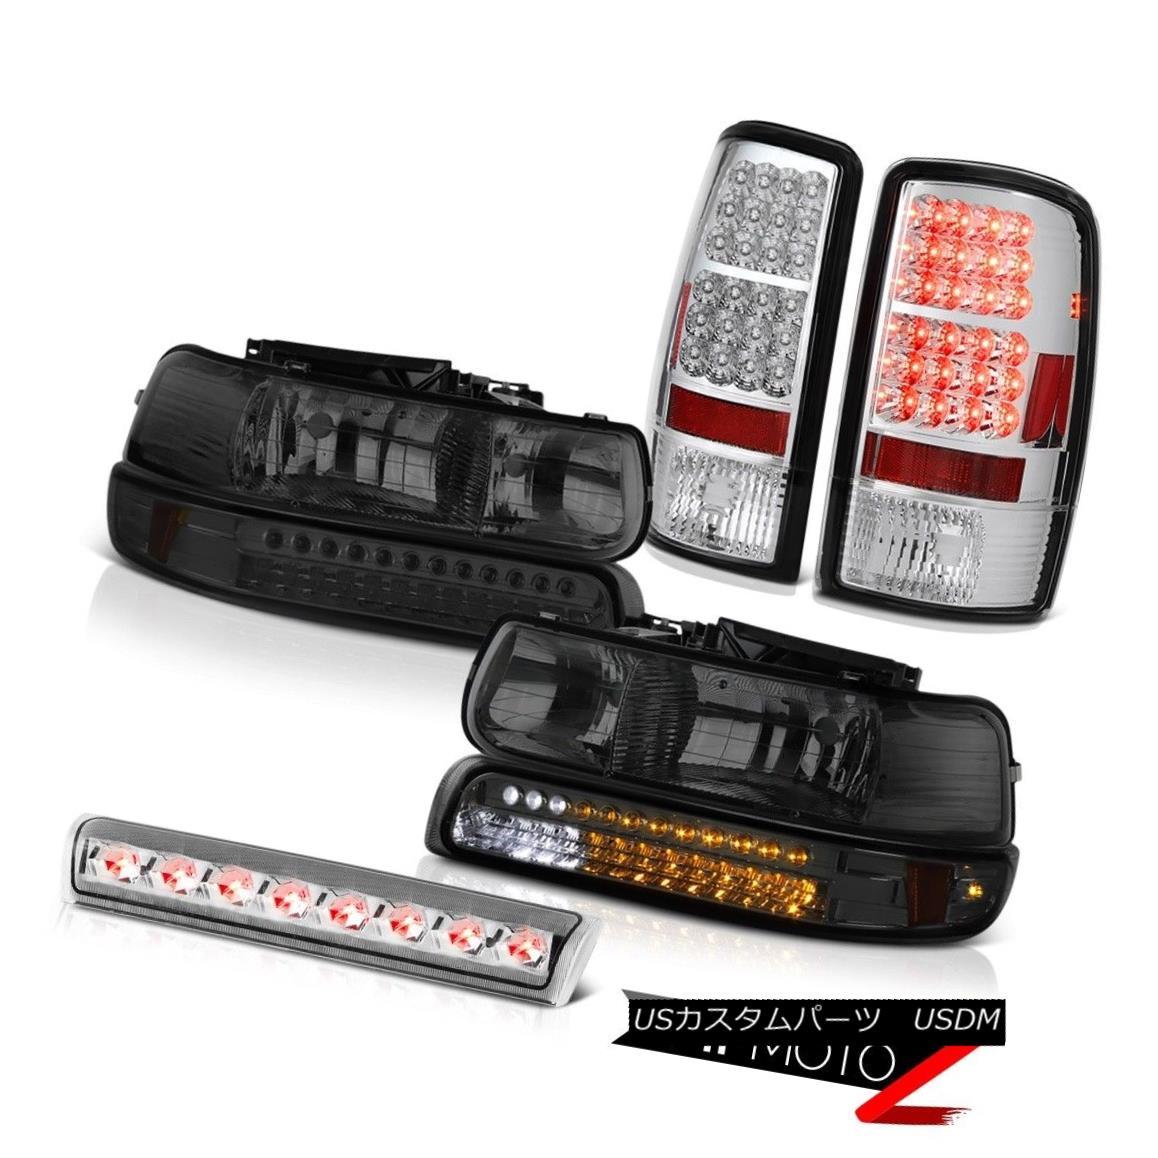 ヘッドライト 00 01 02 03 04 05 06 Tahoe 4.8L LED Headlights Chrome Tail Lamp Euro Third Brake 00 01 02 03 04 05 06タホ4.8L LEDヘッドライトクロームテールランプユーロ第3ブレーキ